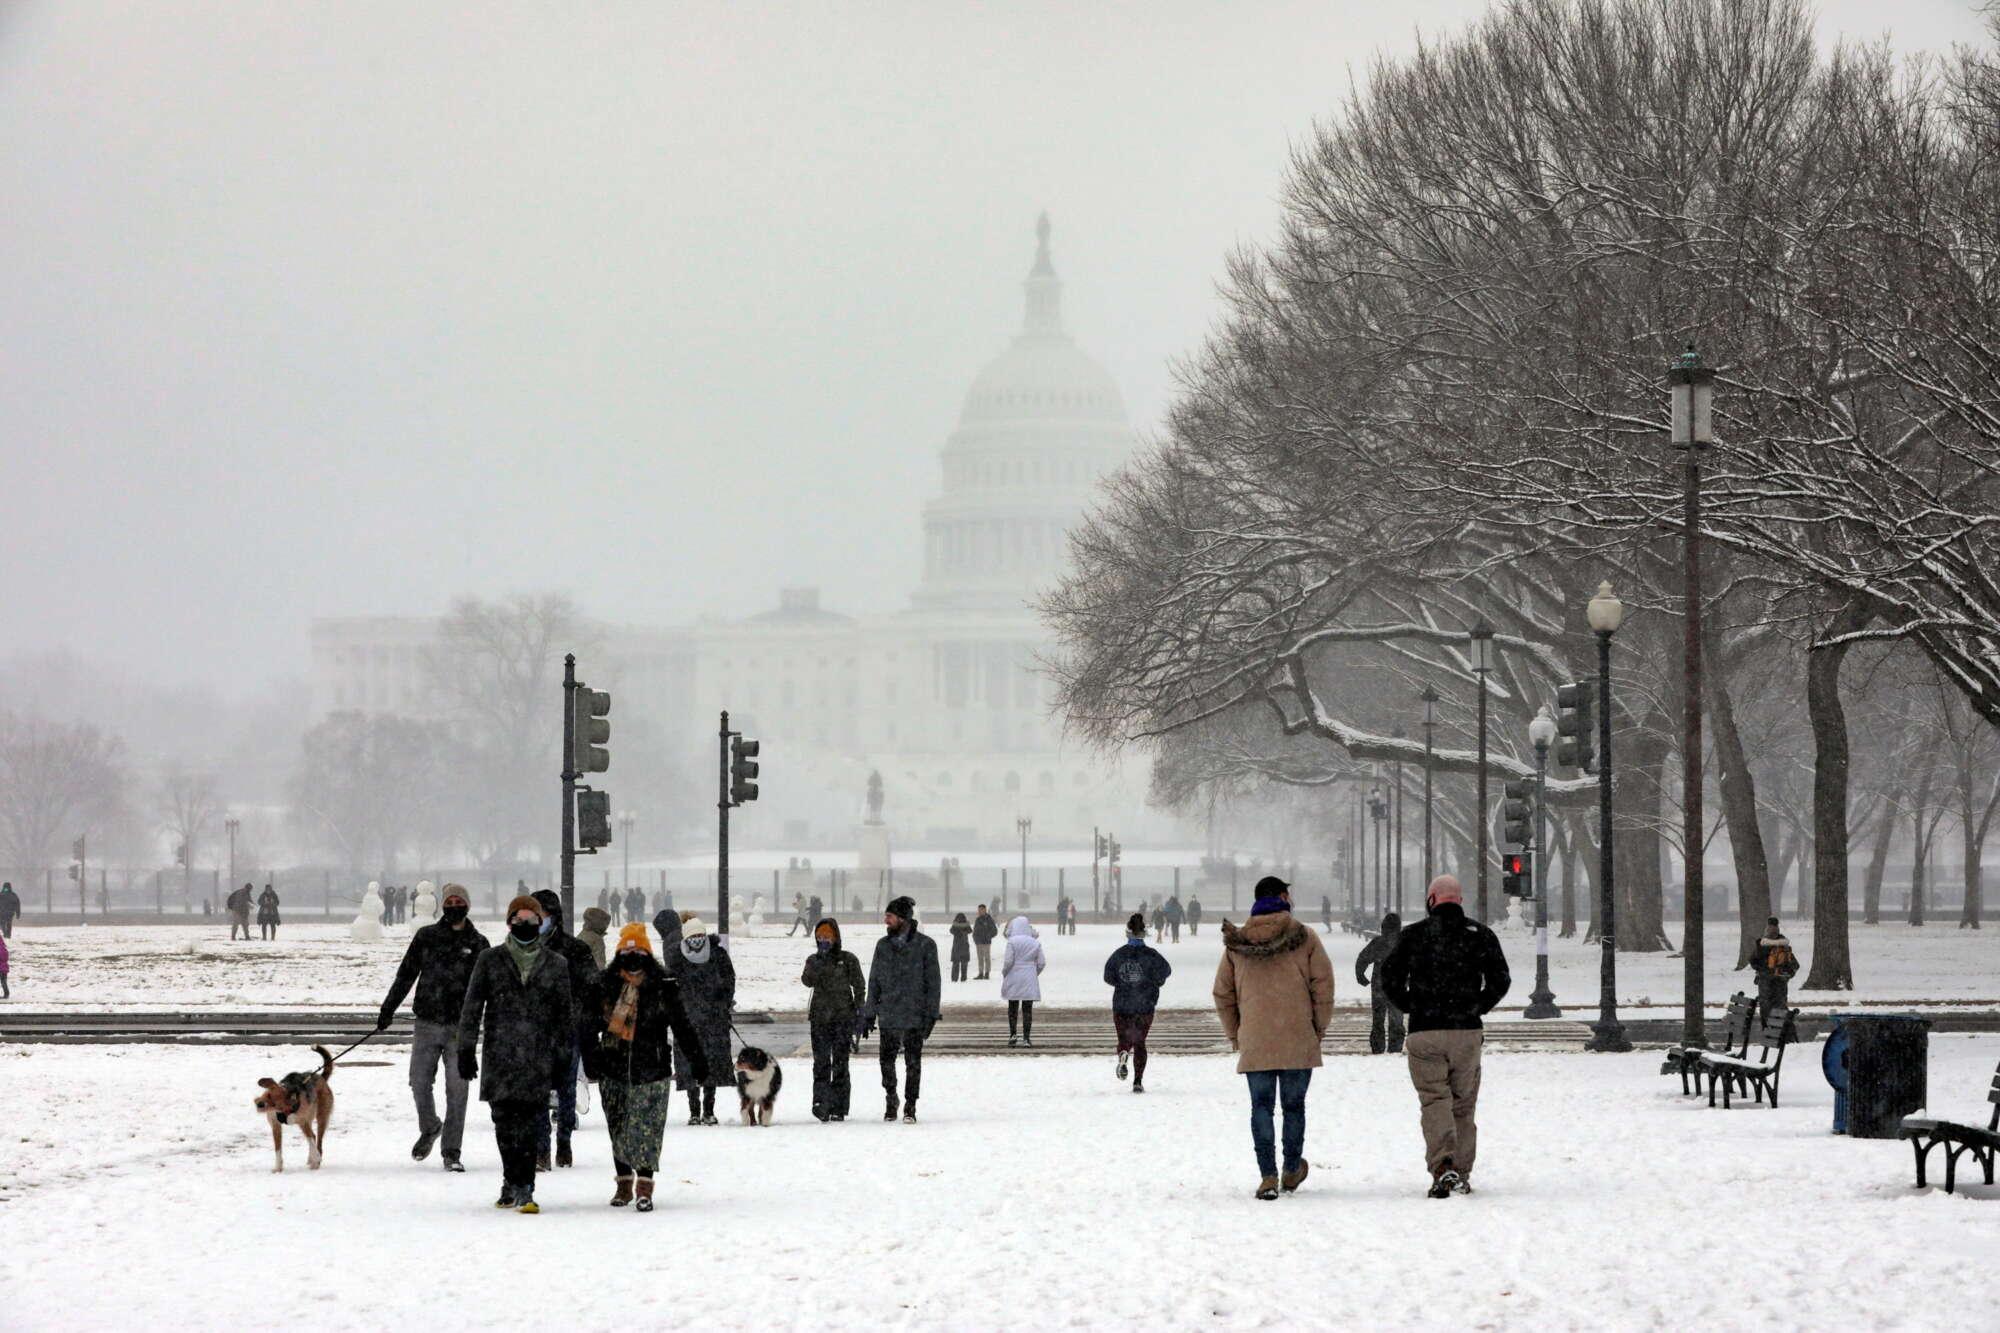 Οι κάτοικοι της Ουάσιγκτον απολαμβάνουν τον περίπατο στο National Mall, κοντά στο Καπιτώλιο